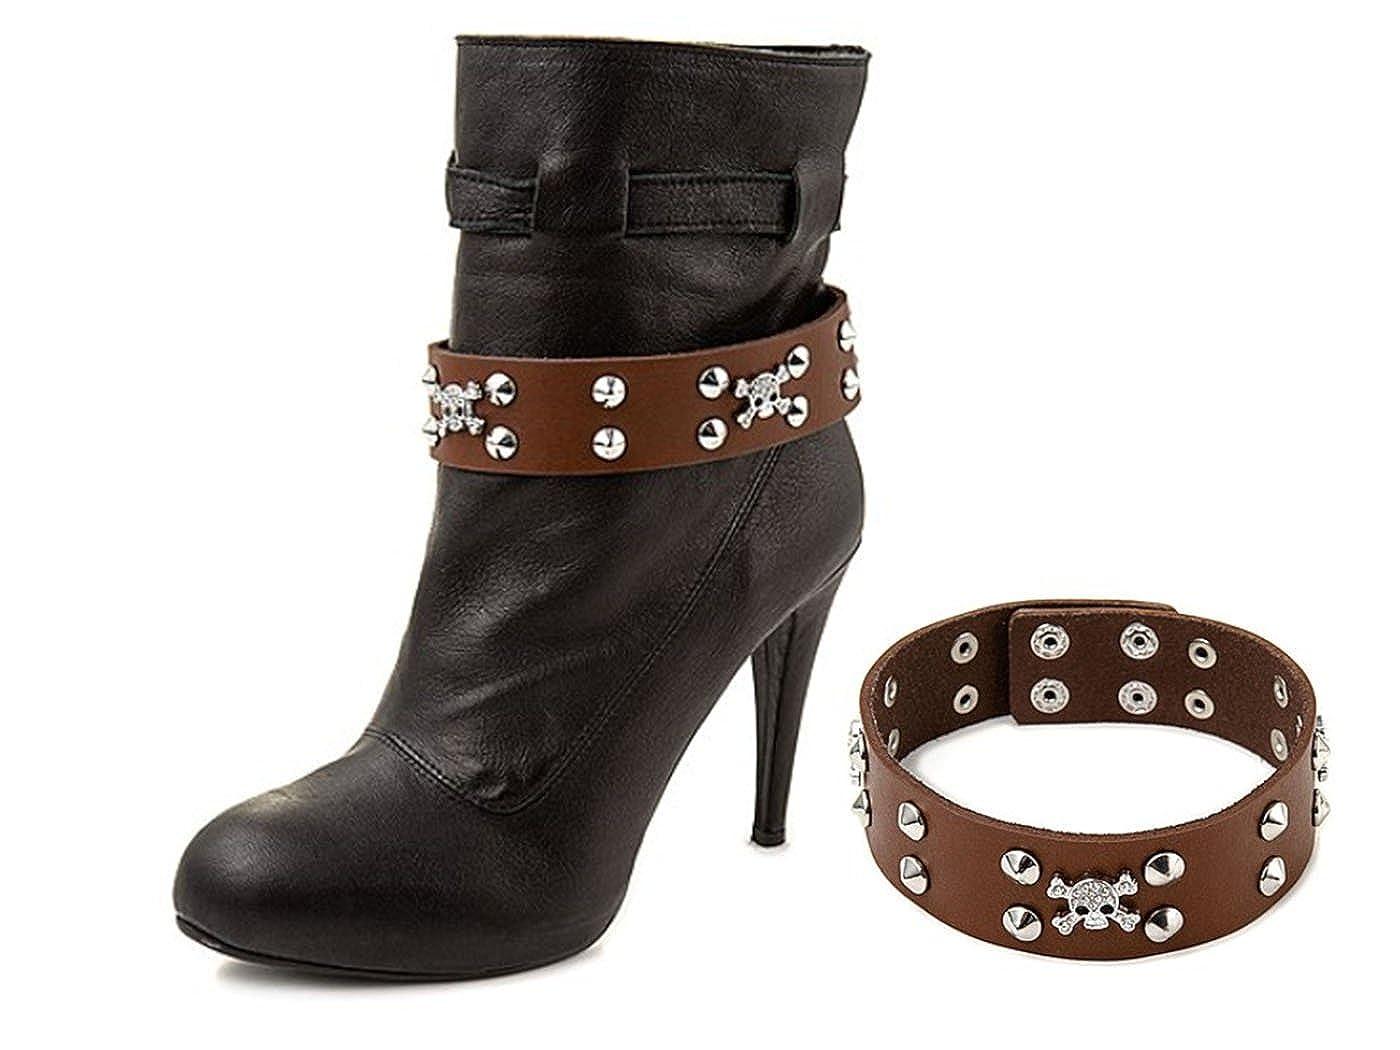 La Loria Accessoires Femme chaîne de bottes Hard Rock No 2 Accessoires bijoux en cuir véritable pour embellir les chaussures (2 pièces) CFS 182